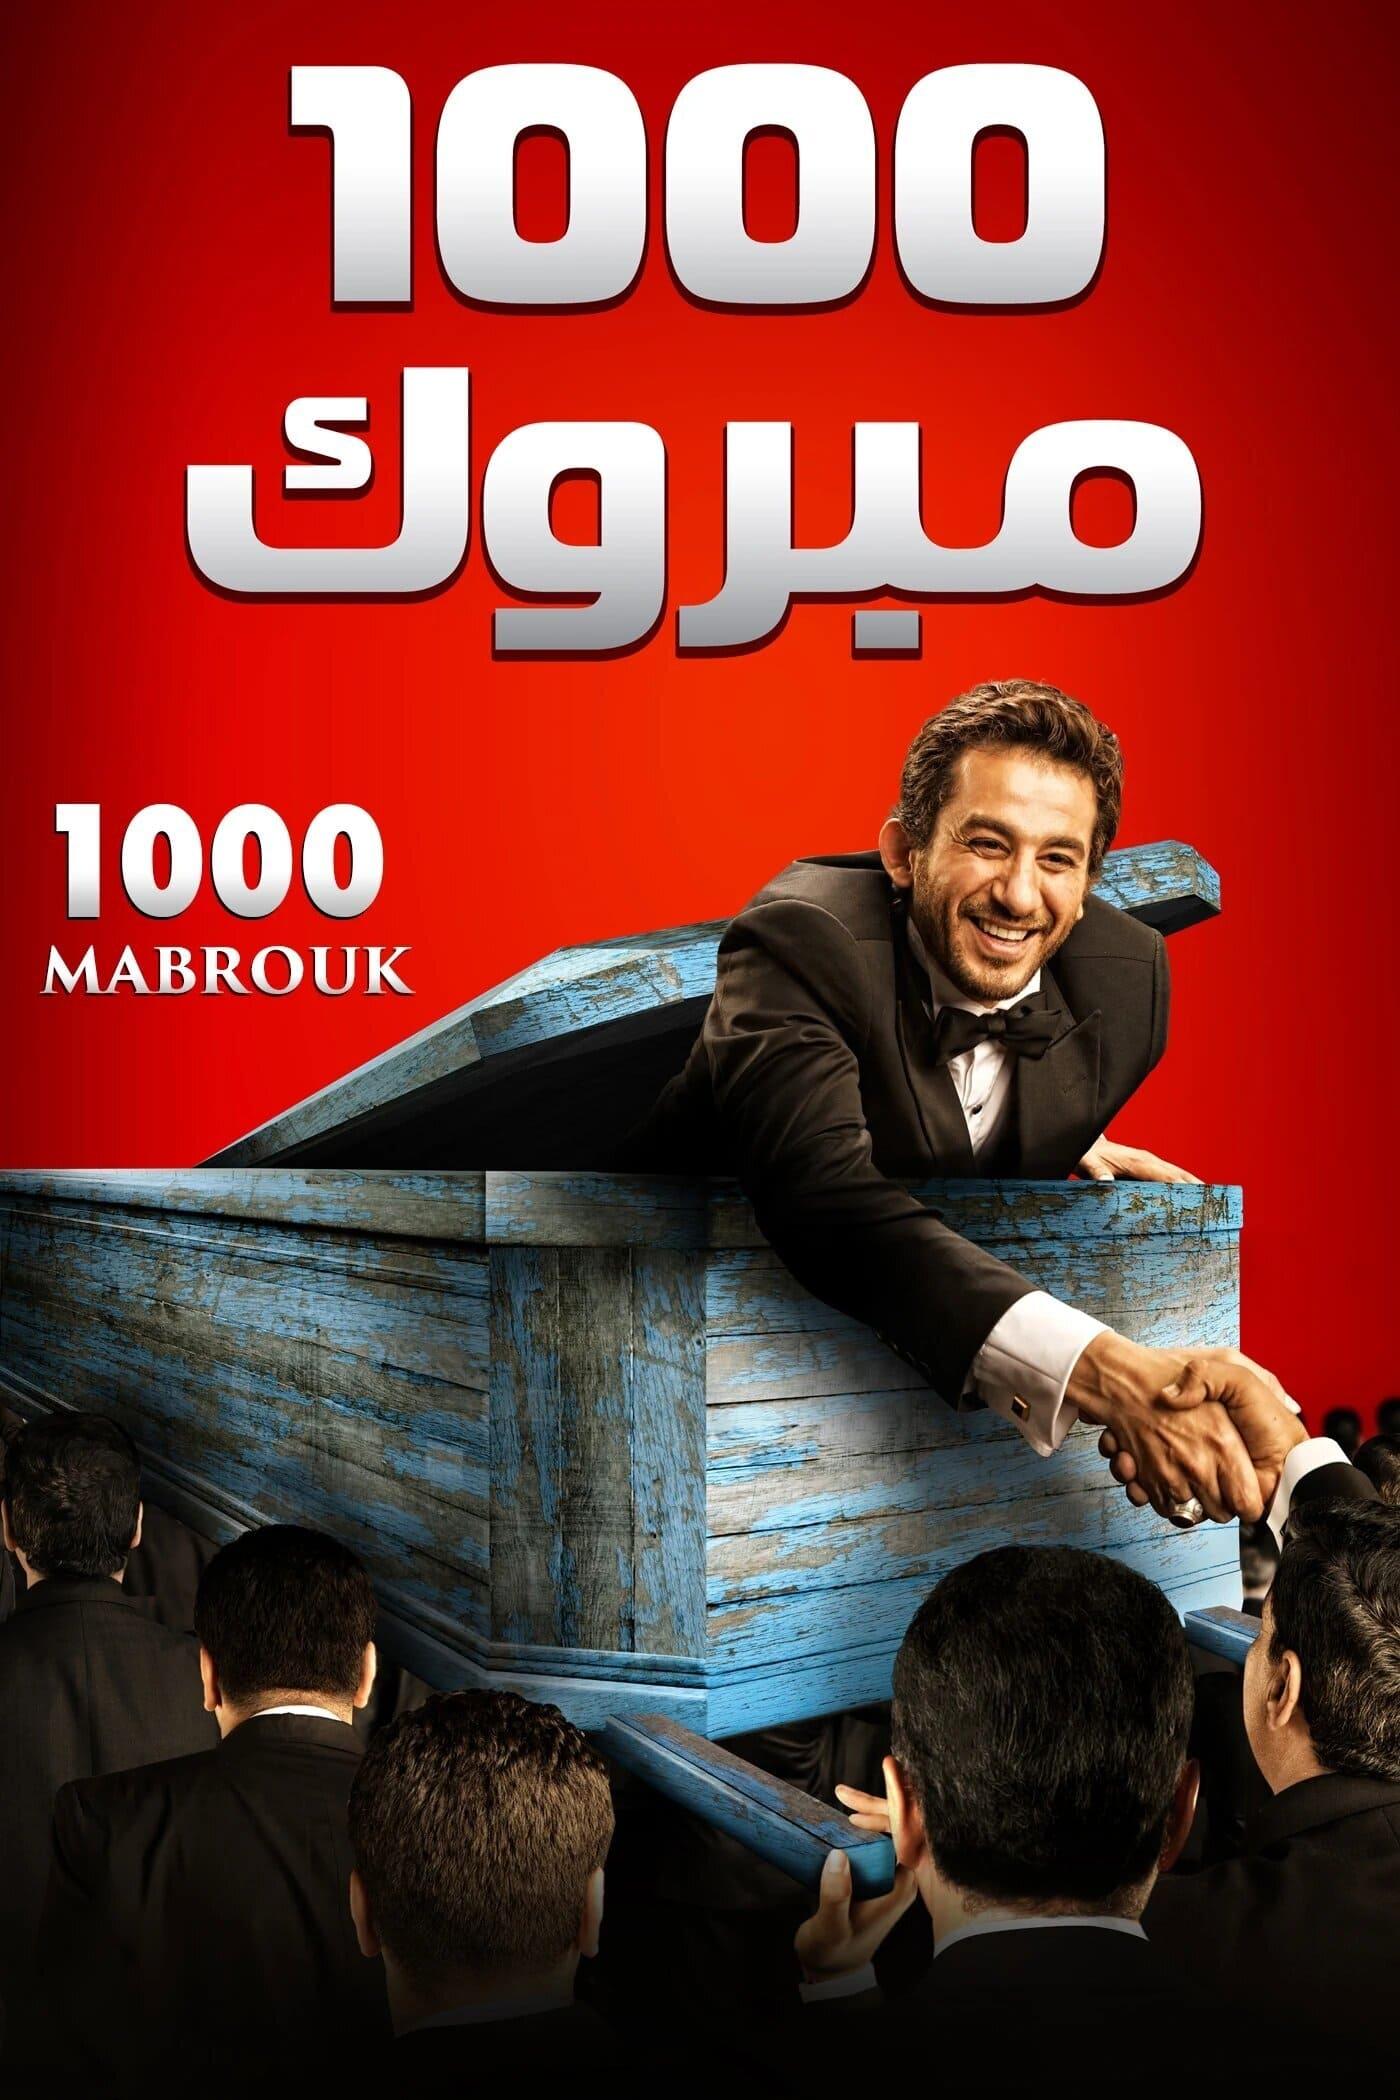 1000 Mabrouk